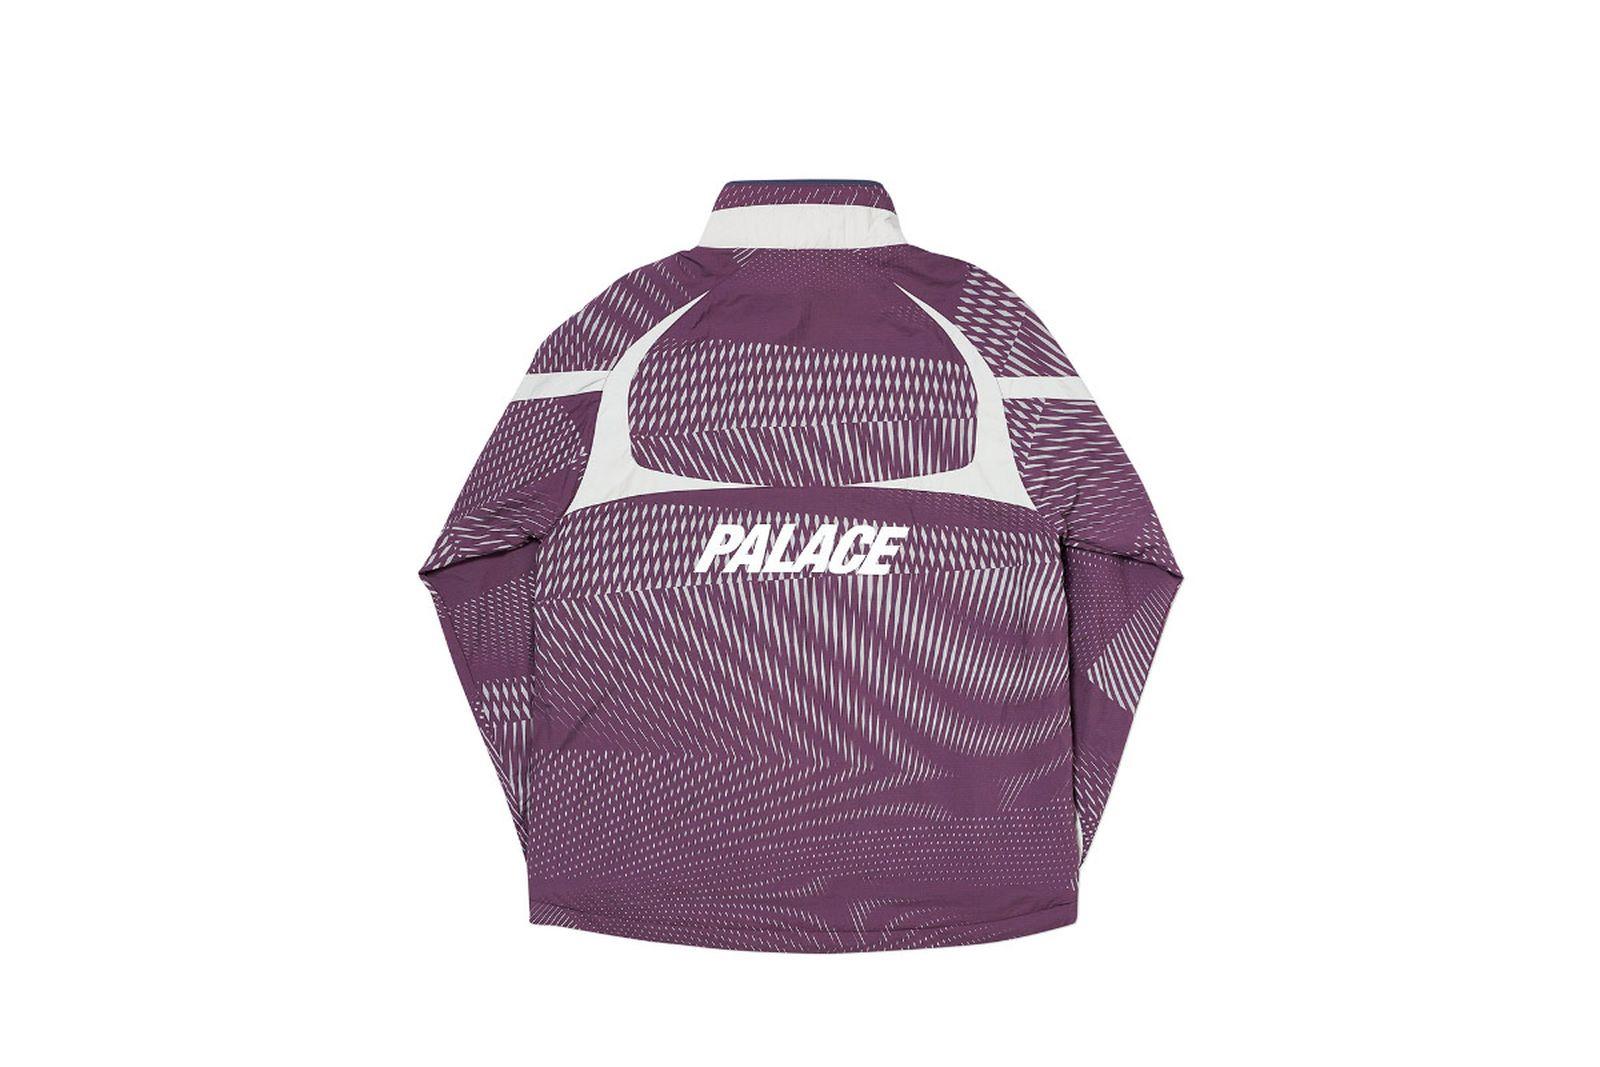 Palace 2019 Autumn Jacket Dazzler Shell plum grey back